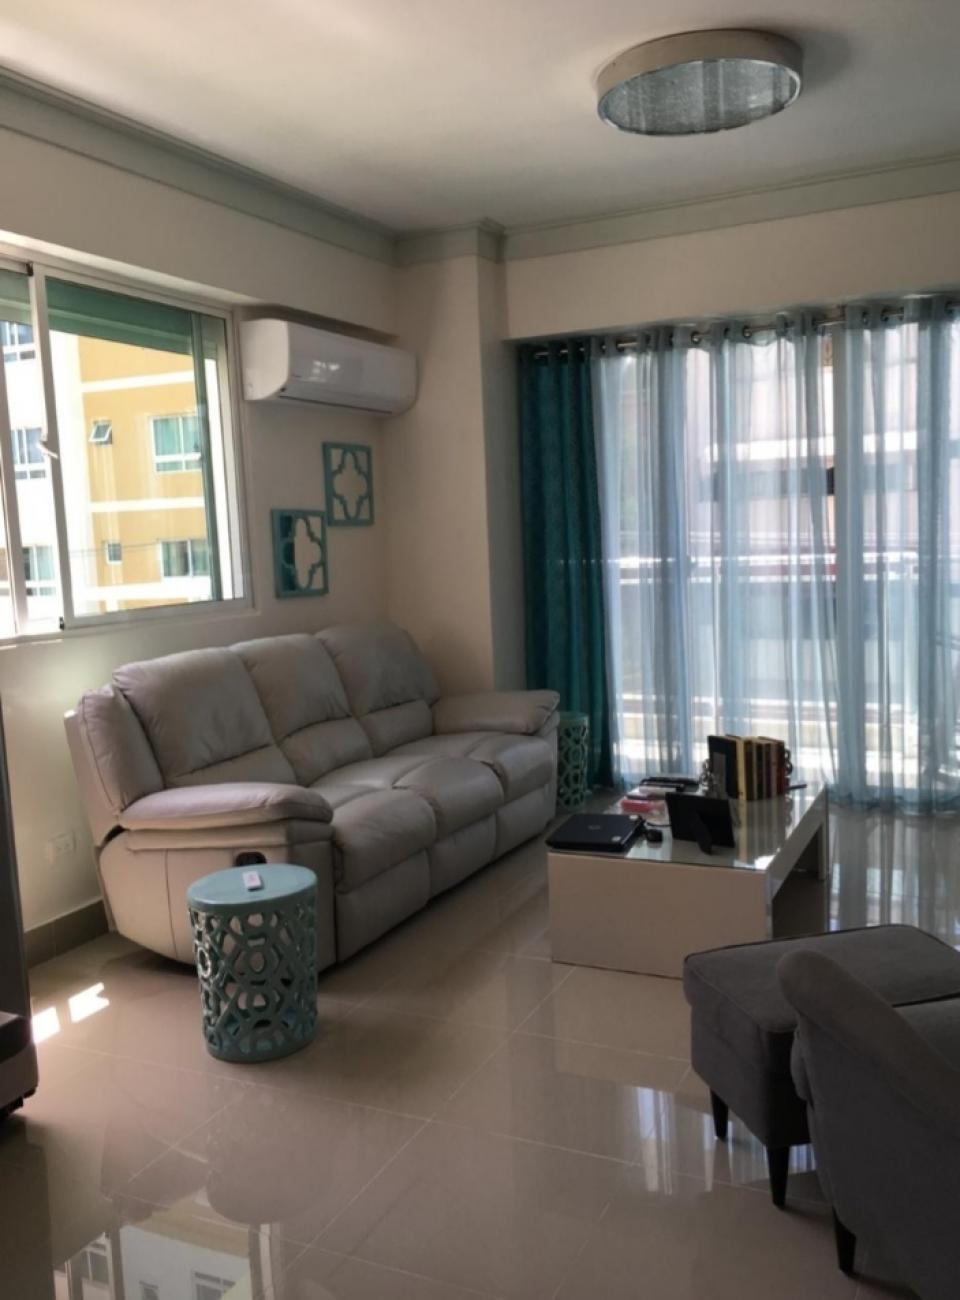 Apartamento en venta en el sector BELLA VISTA precio US$ 120,000.00 US$120,000